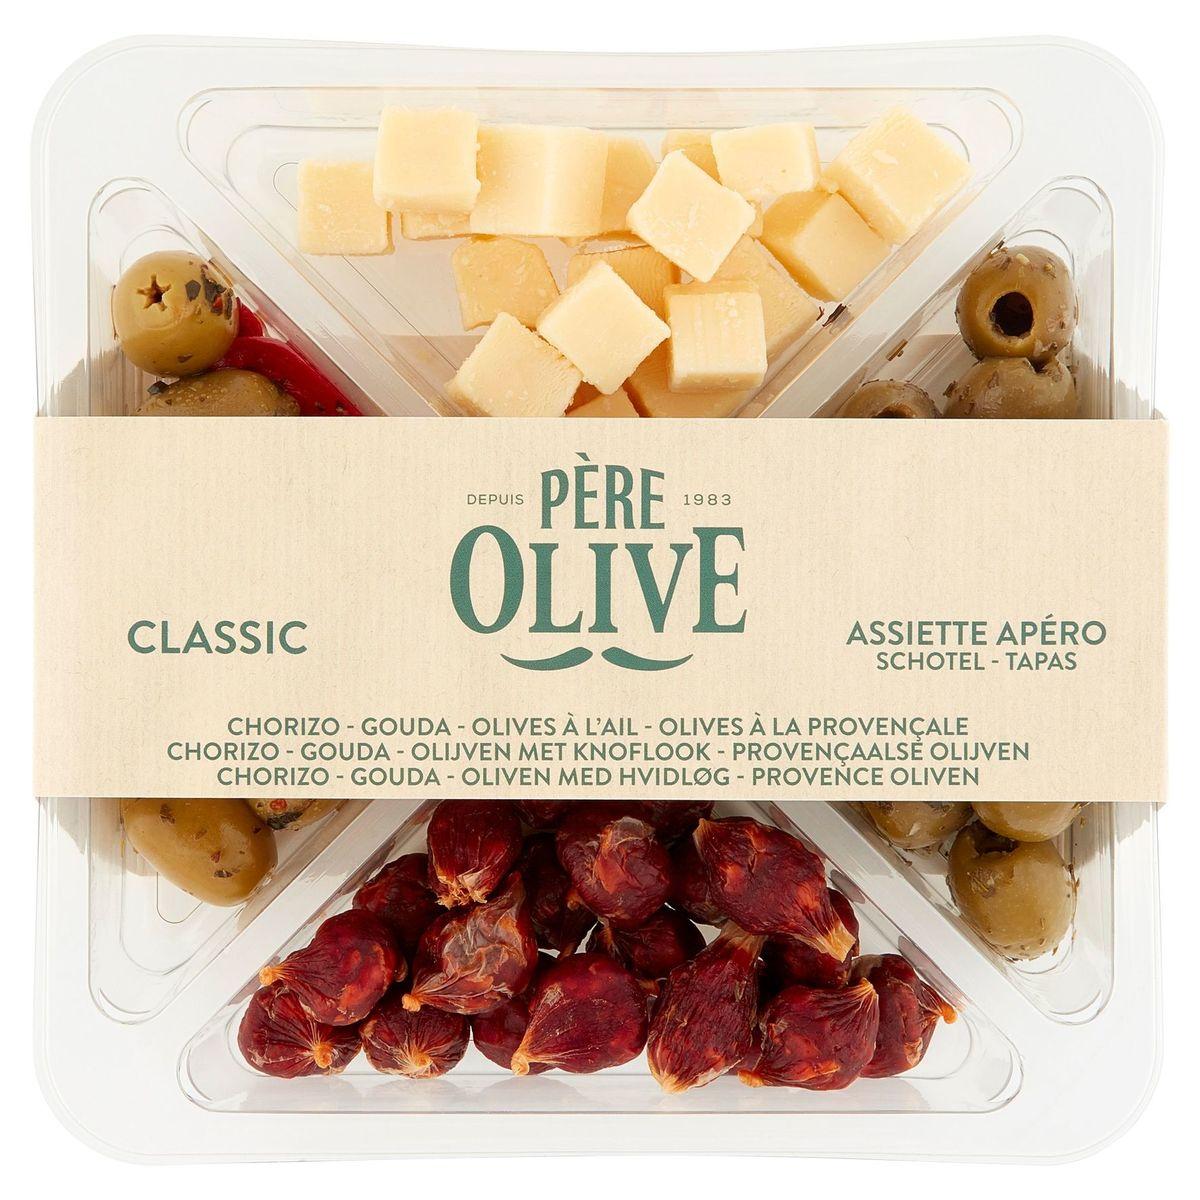 Père Olive Classic Assiette Apéro 255 g